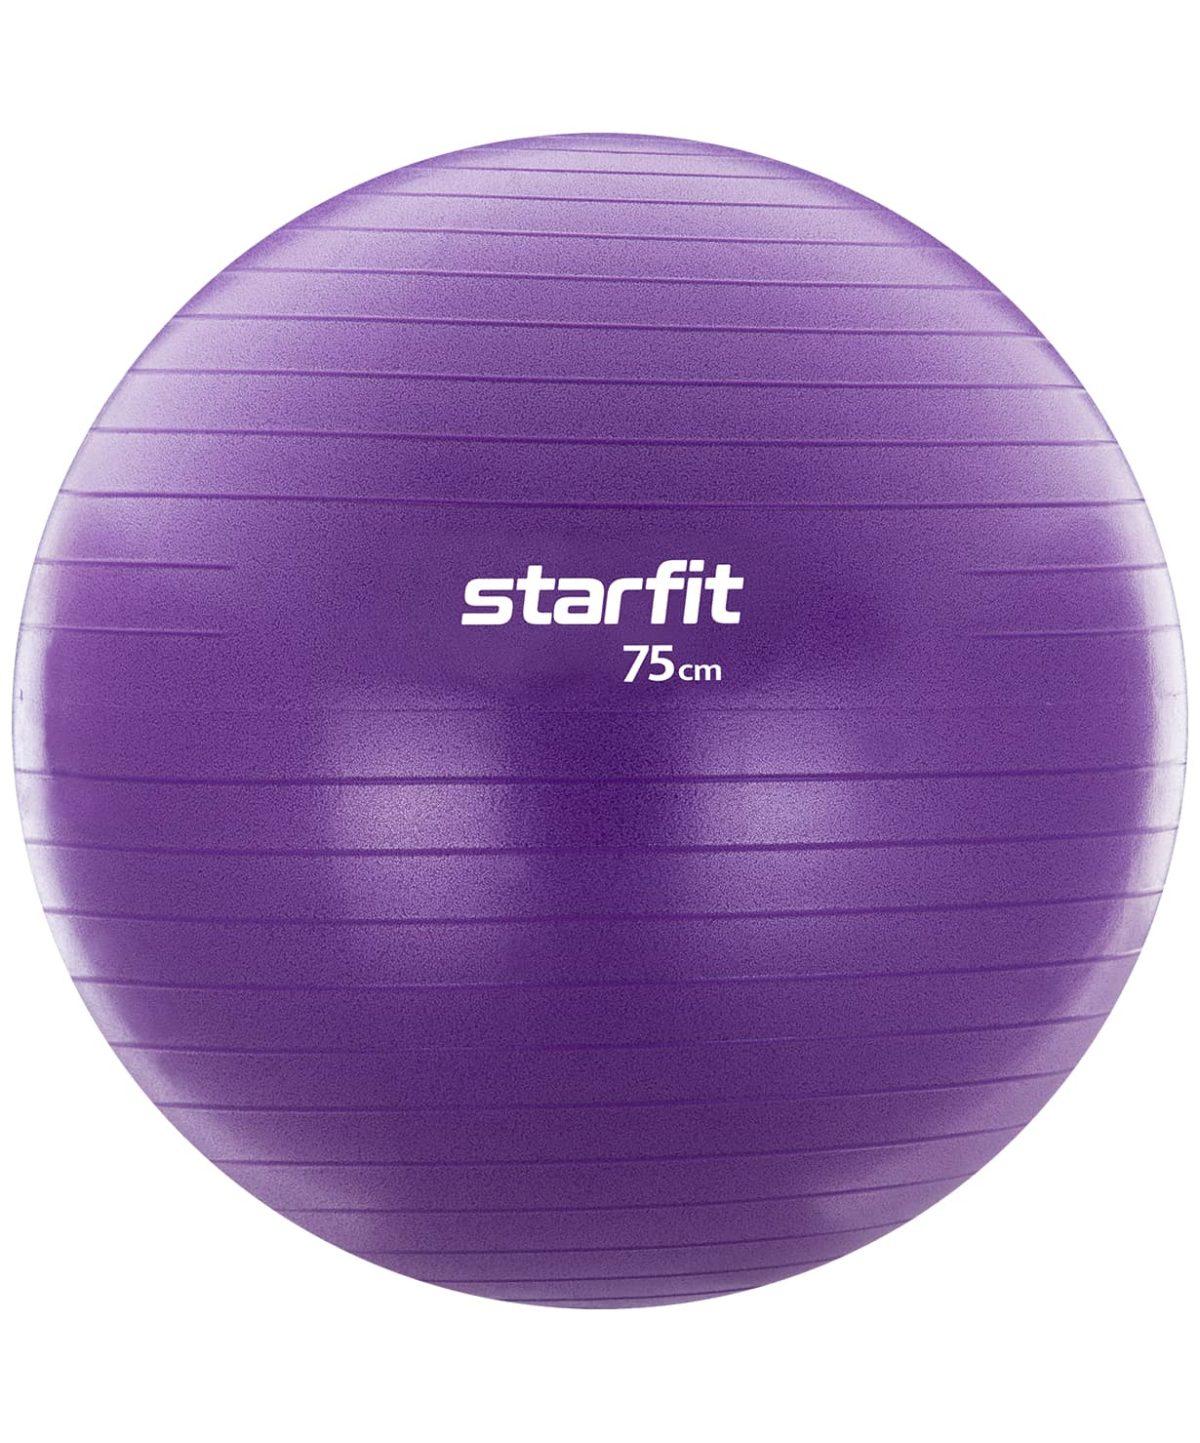 STARFIT Фитбол антивзрыв 75см. 1200гр. с ручным насосом GB-106 - 1